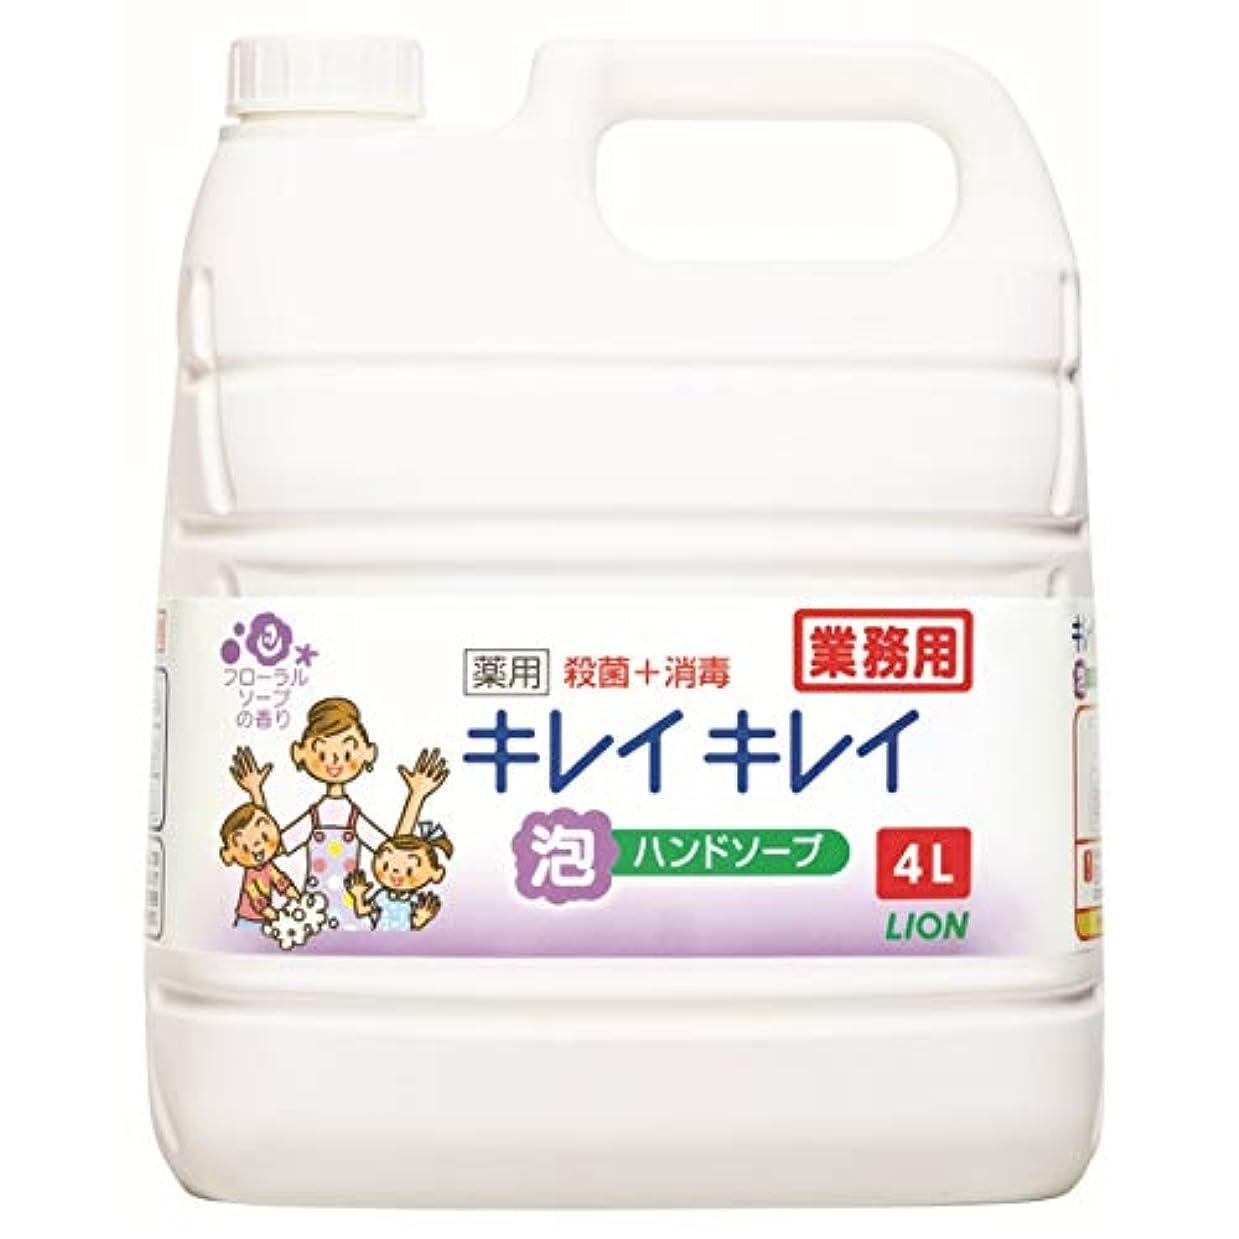 革新の配列バージン【業務用 大容量】キレイキレイ 薬用 泡ハンドソープフローラルソープの香り 4L(医薬部外品)